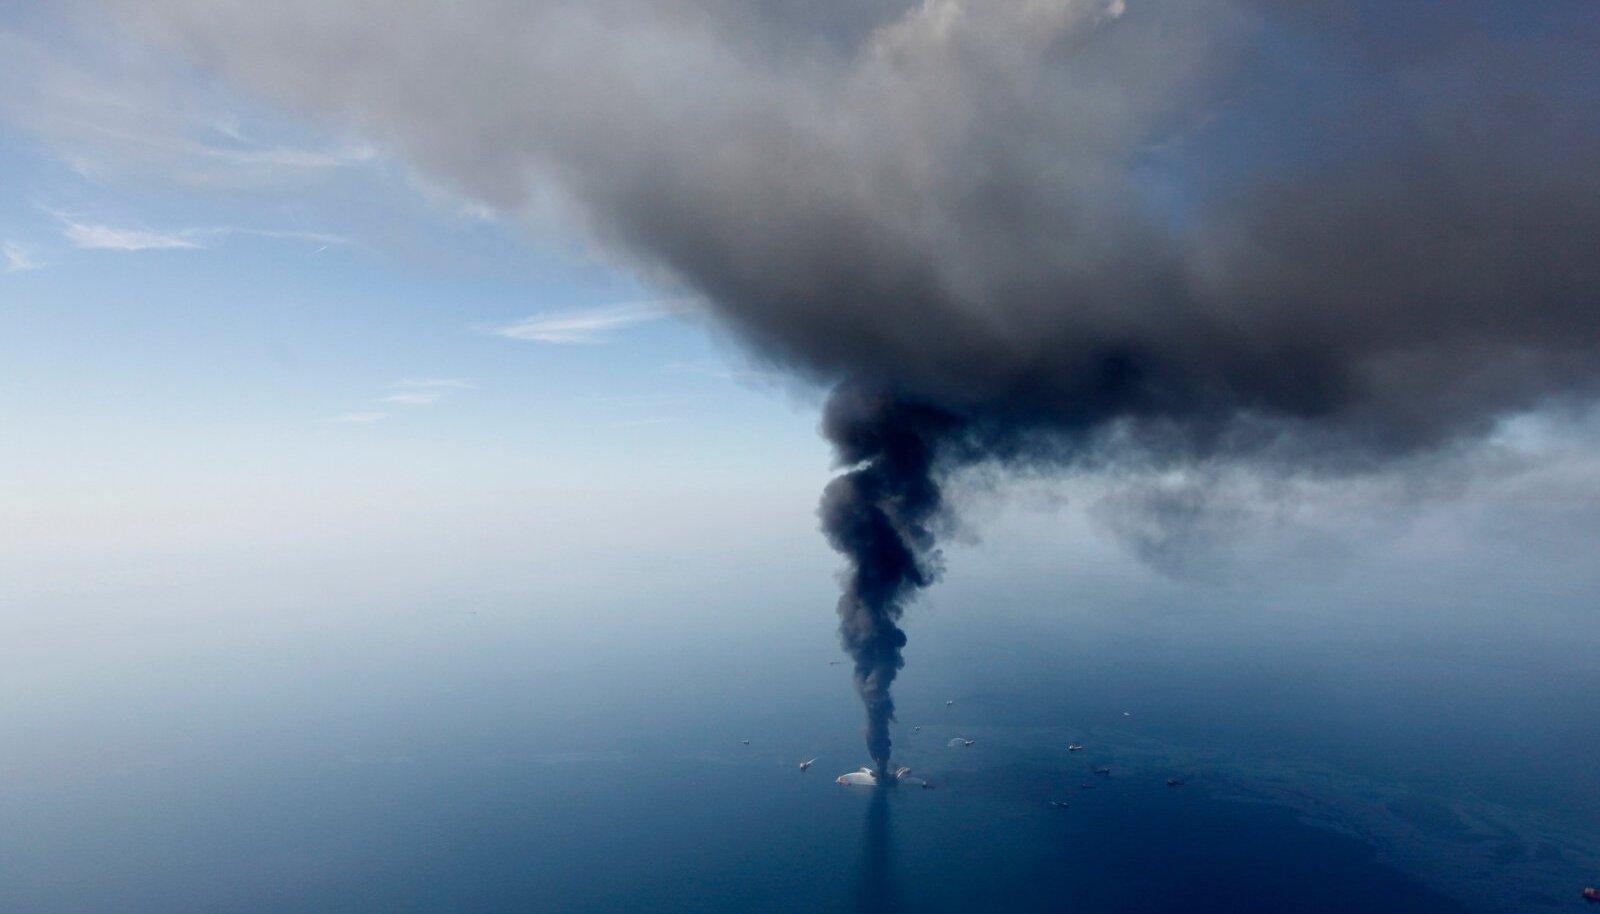 BP on tekitanud palju keskkonnakahju, sealhulgas Mehhiko lahes 2010. aastal naftatornil Deepwater Horizon tekkinud plahvatusega.